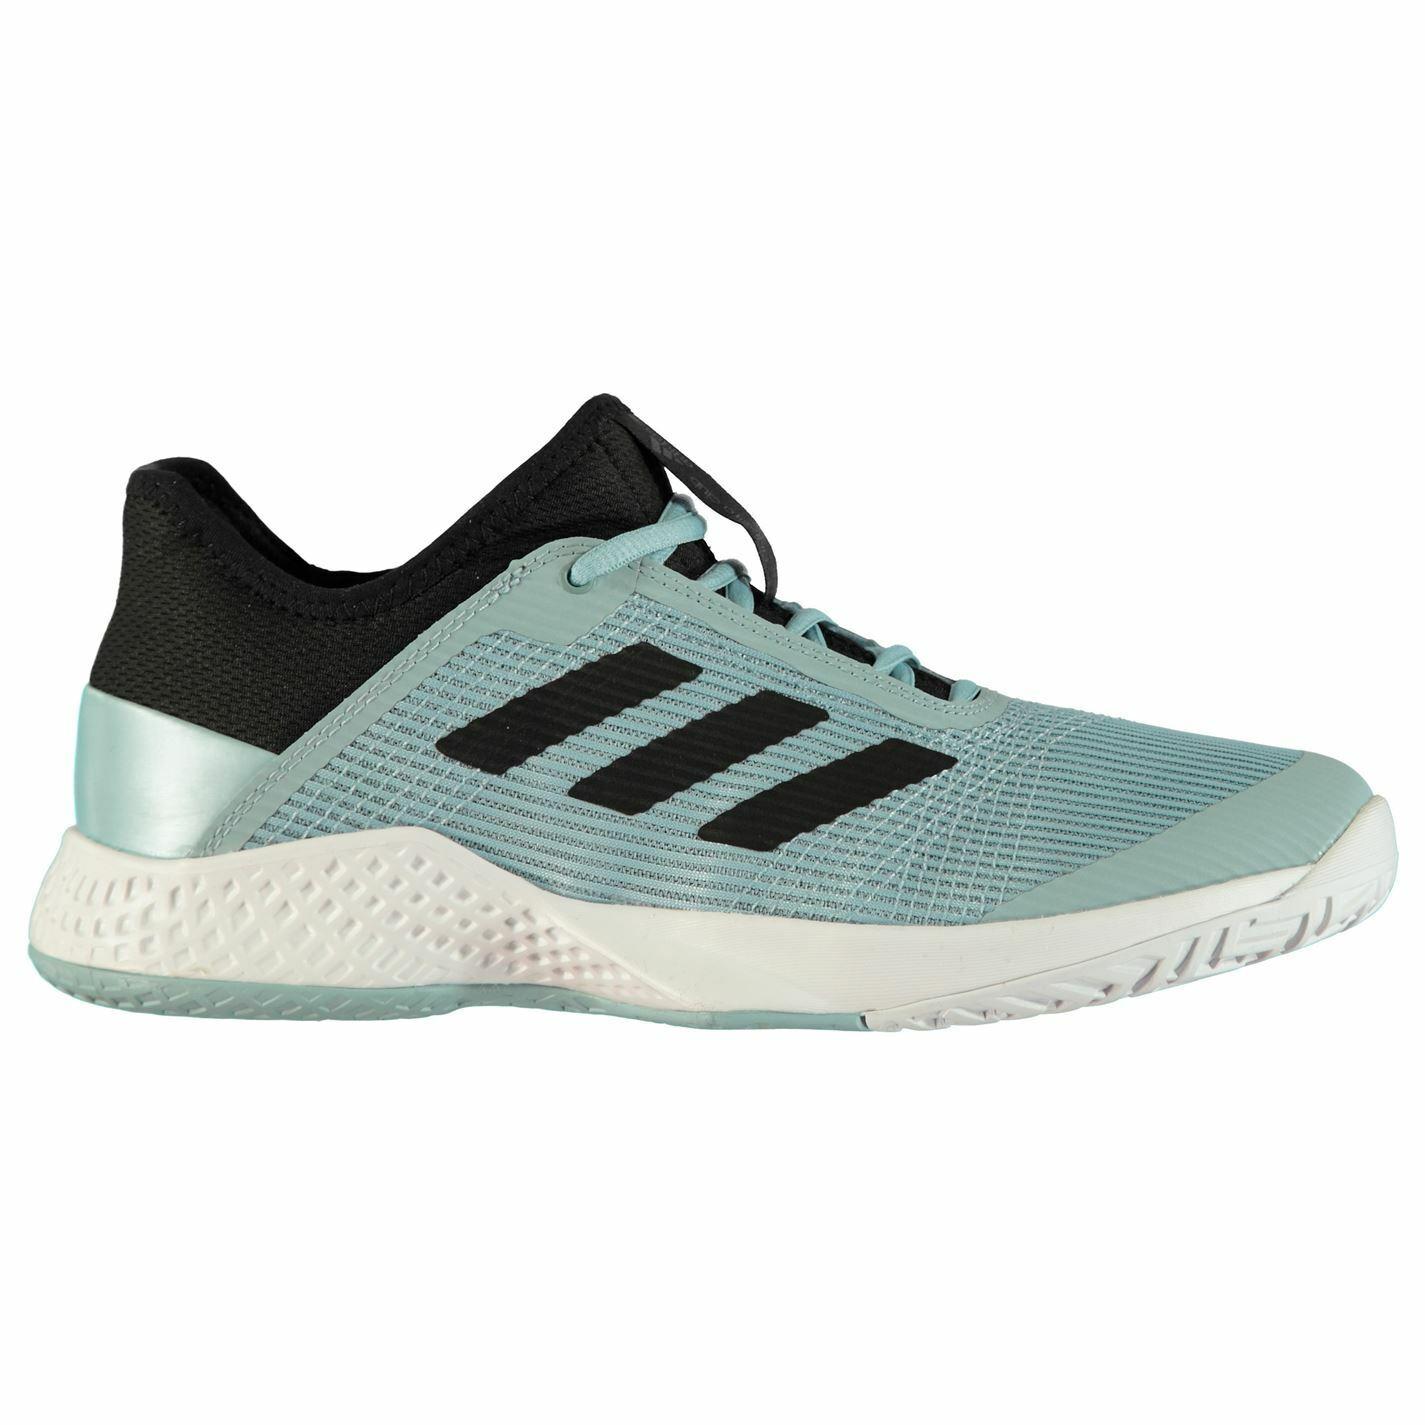 Adidas Para Hombre Adizero Club Tenis Zapatos Zapatillas Con Cordones Collar De Tobillo Acolchado